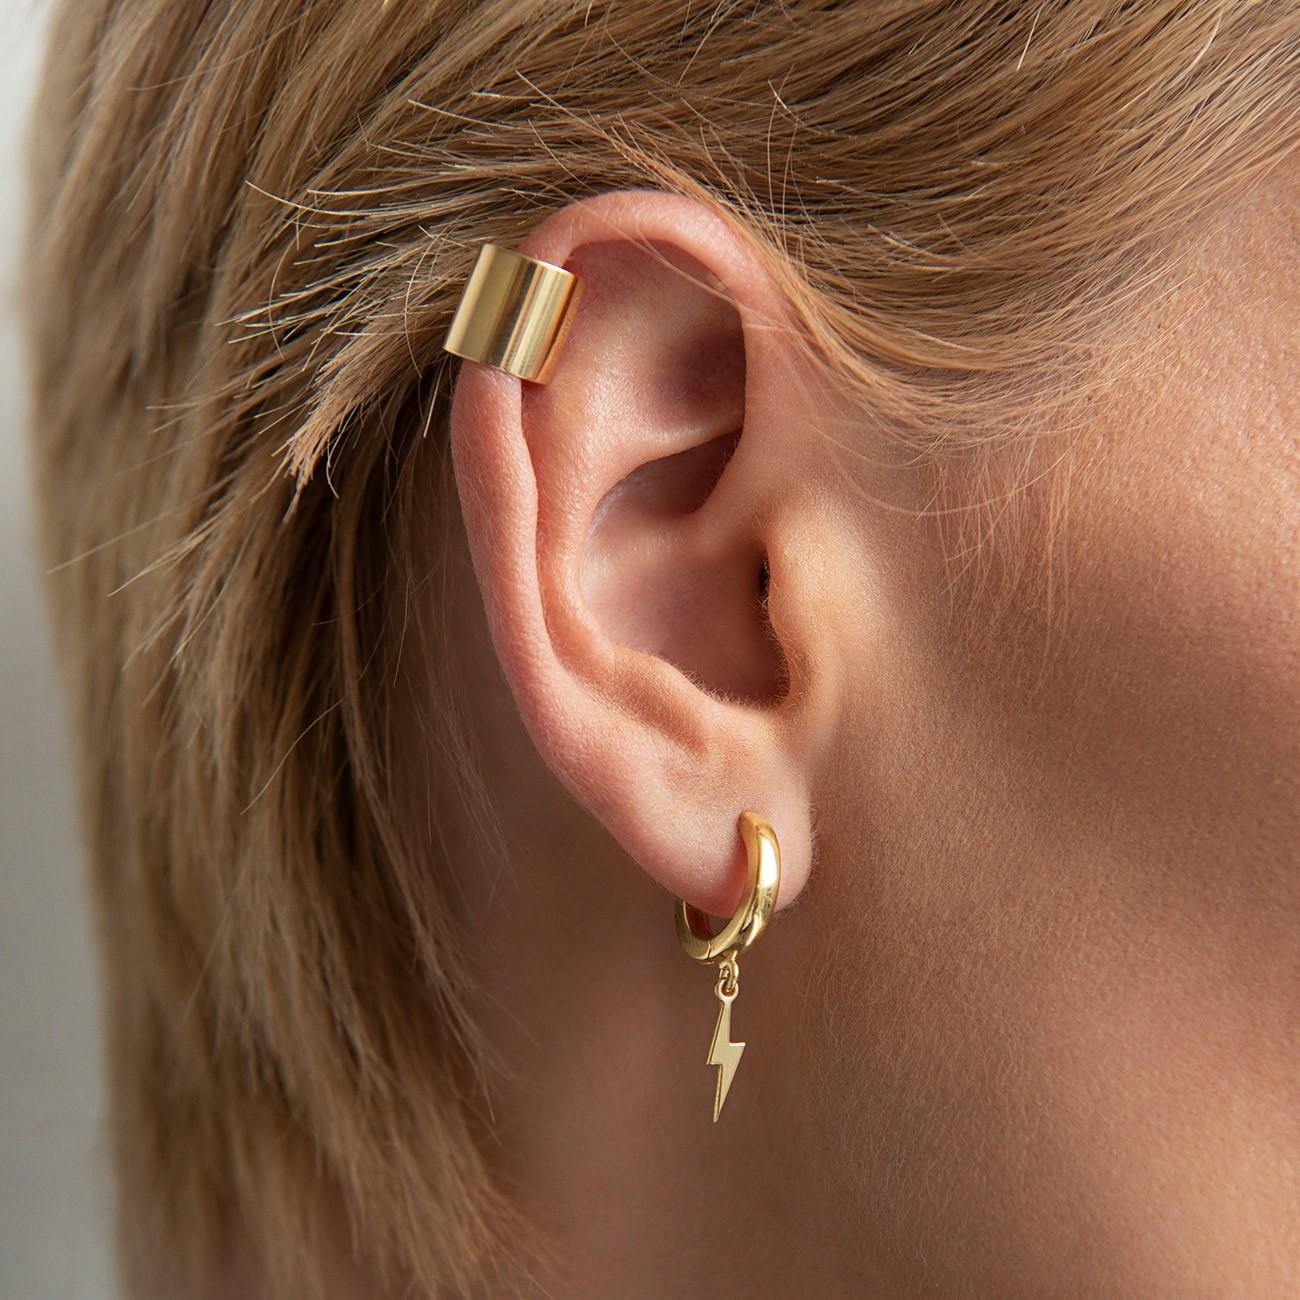 Earrings sterling silver 925